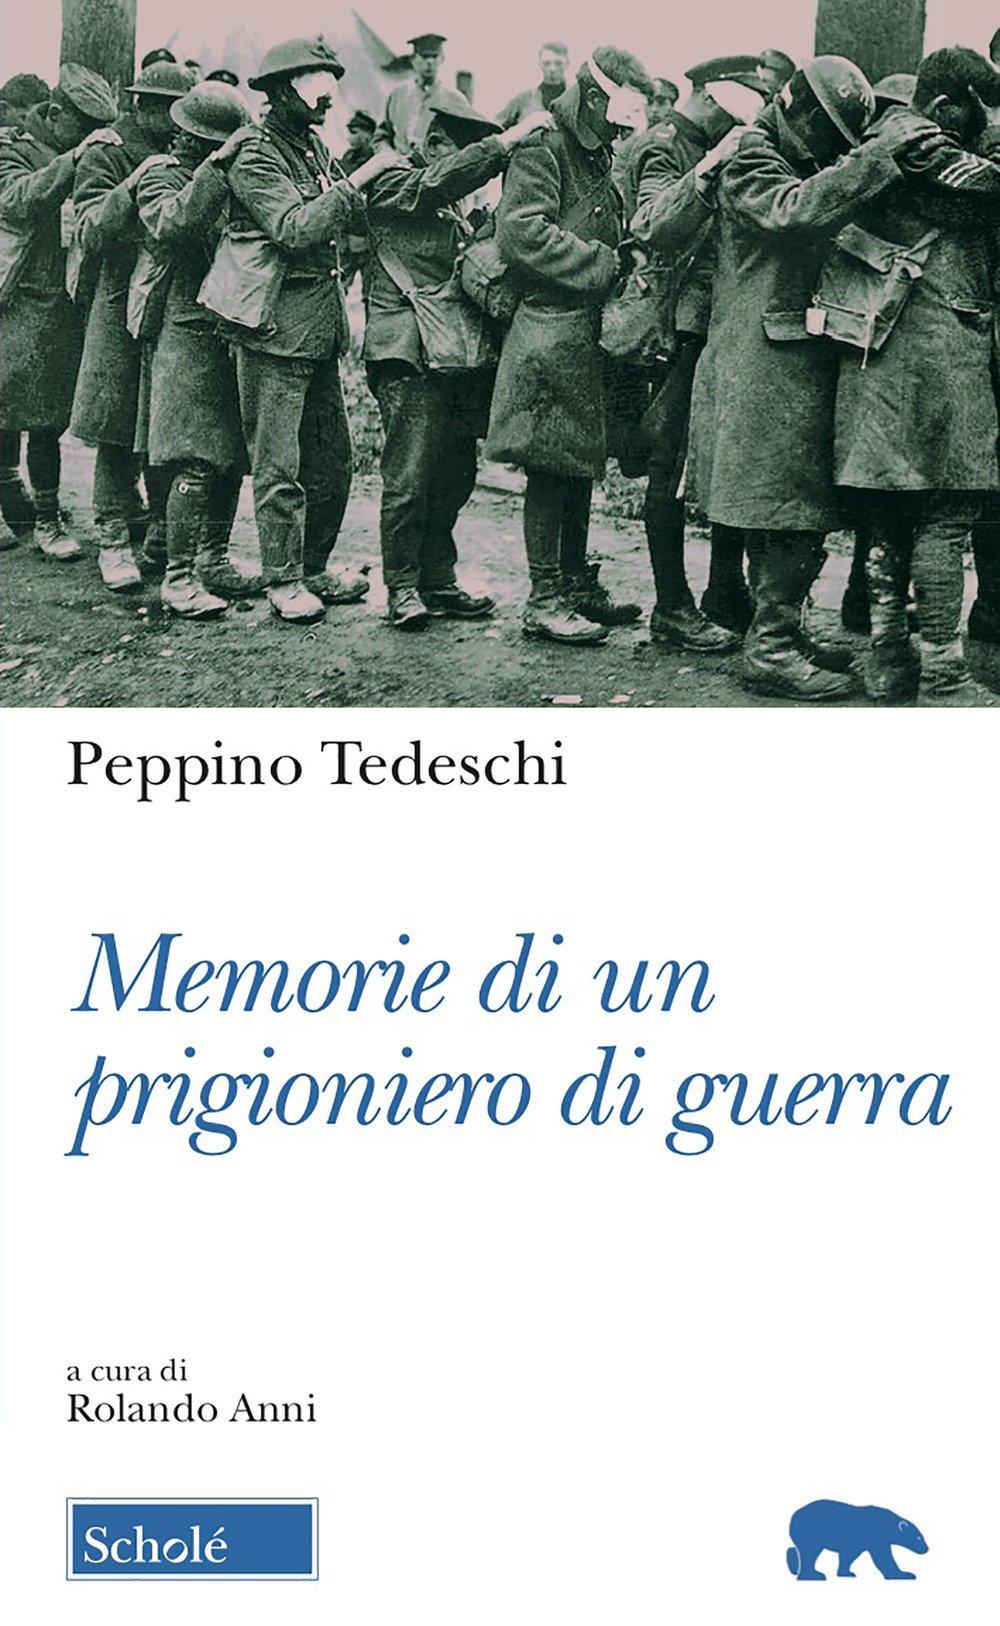 Memorie di un prigioniero di guerra